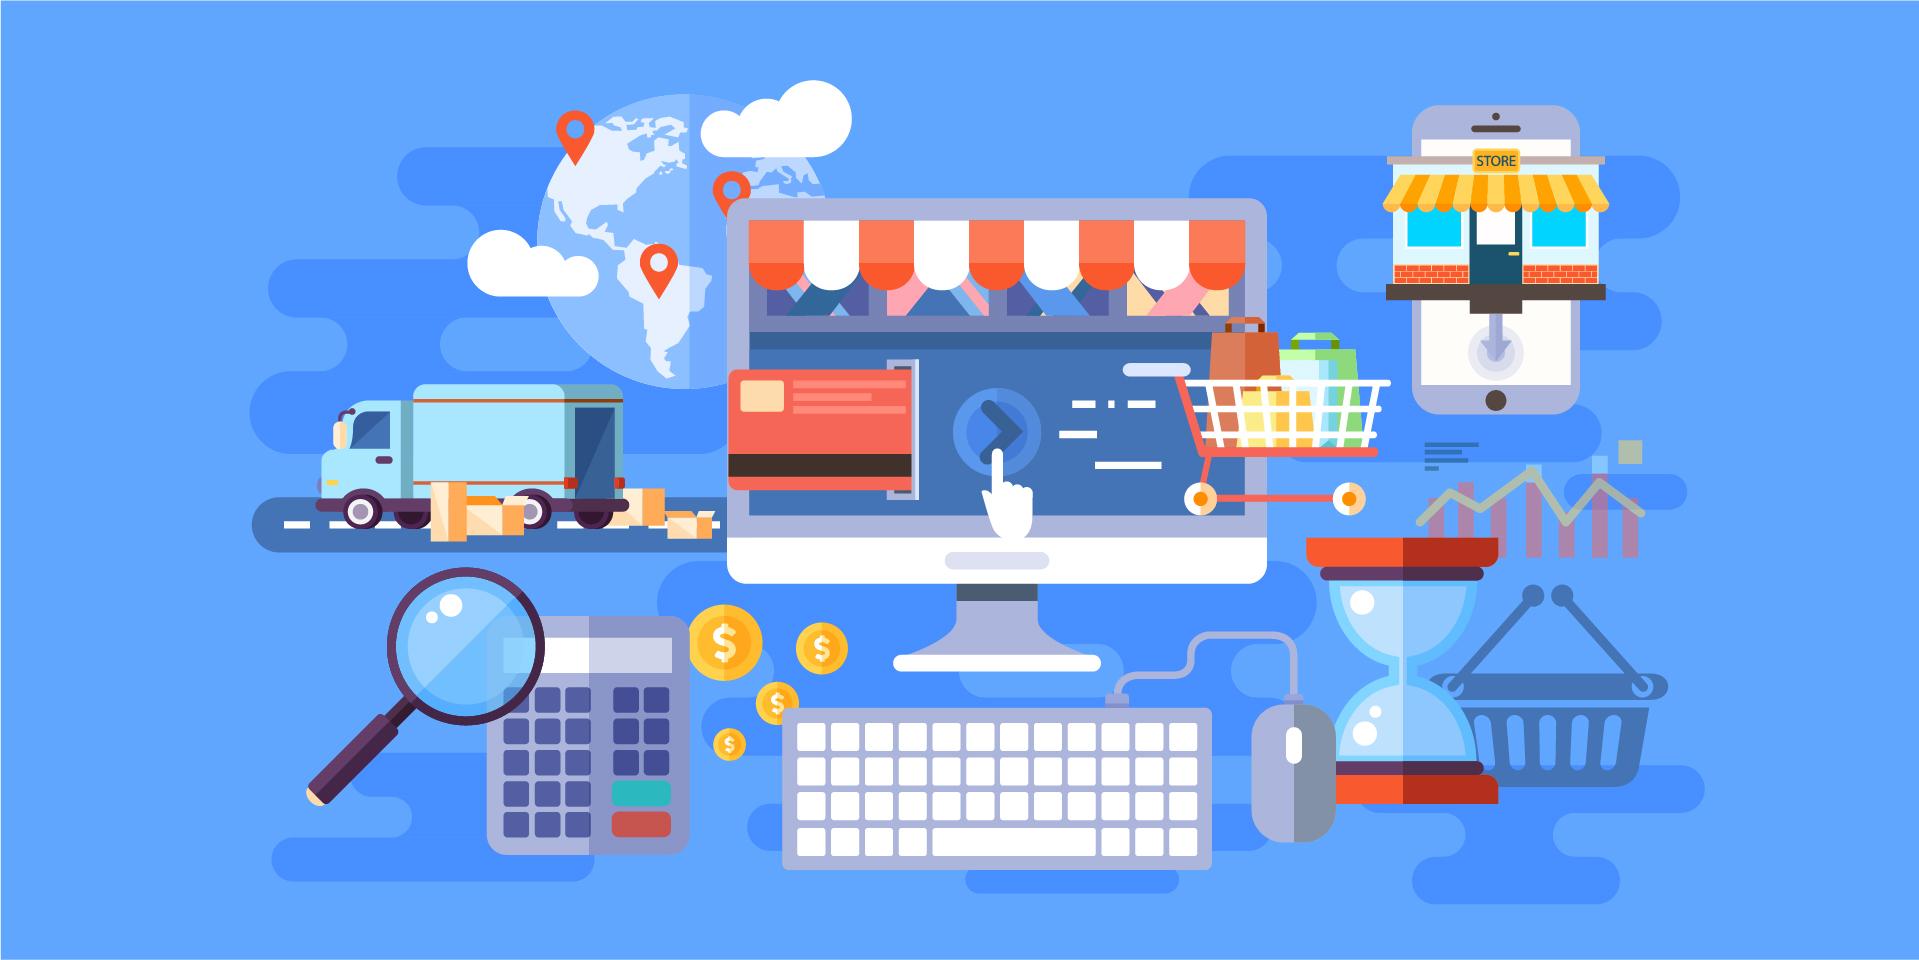 Sklep internetowy z niezbędnymi funkcjonalnościami